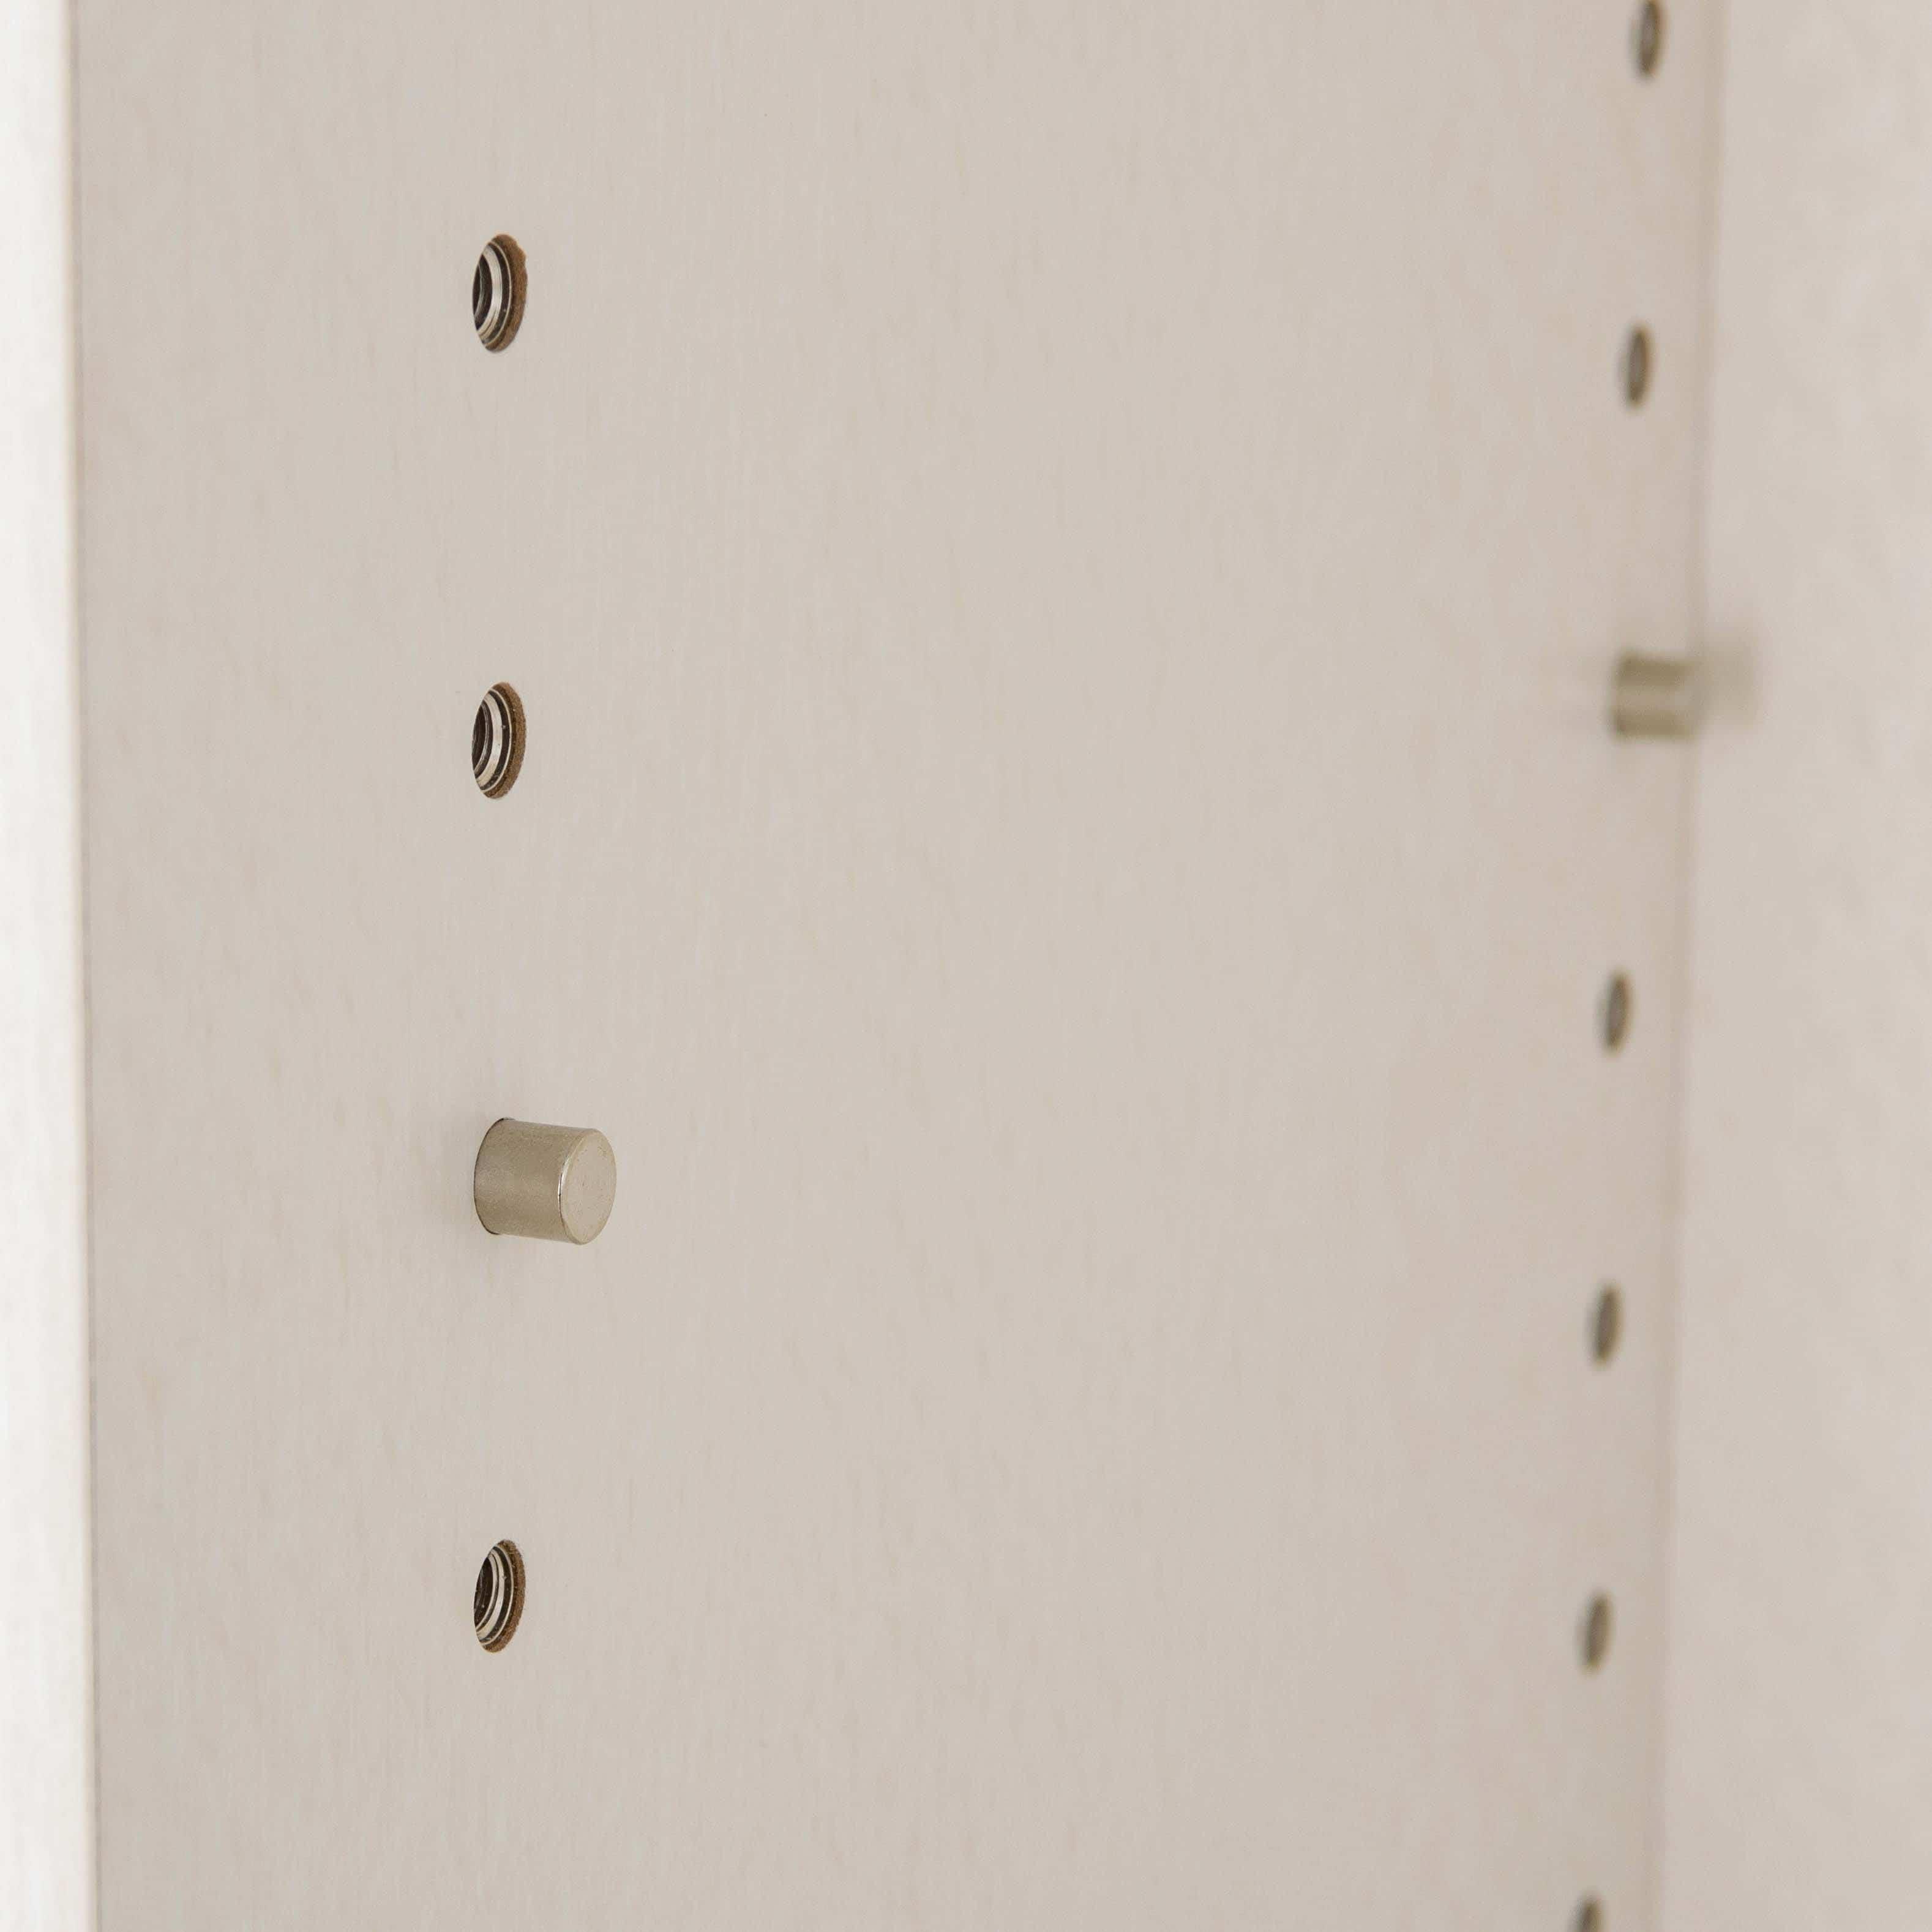 小島工芸 書棚 アコード65H(ウォールモカ):キレイに収まる魅せる収納